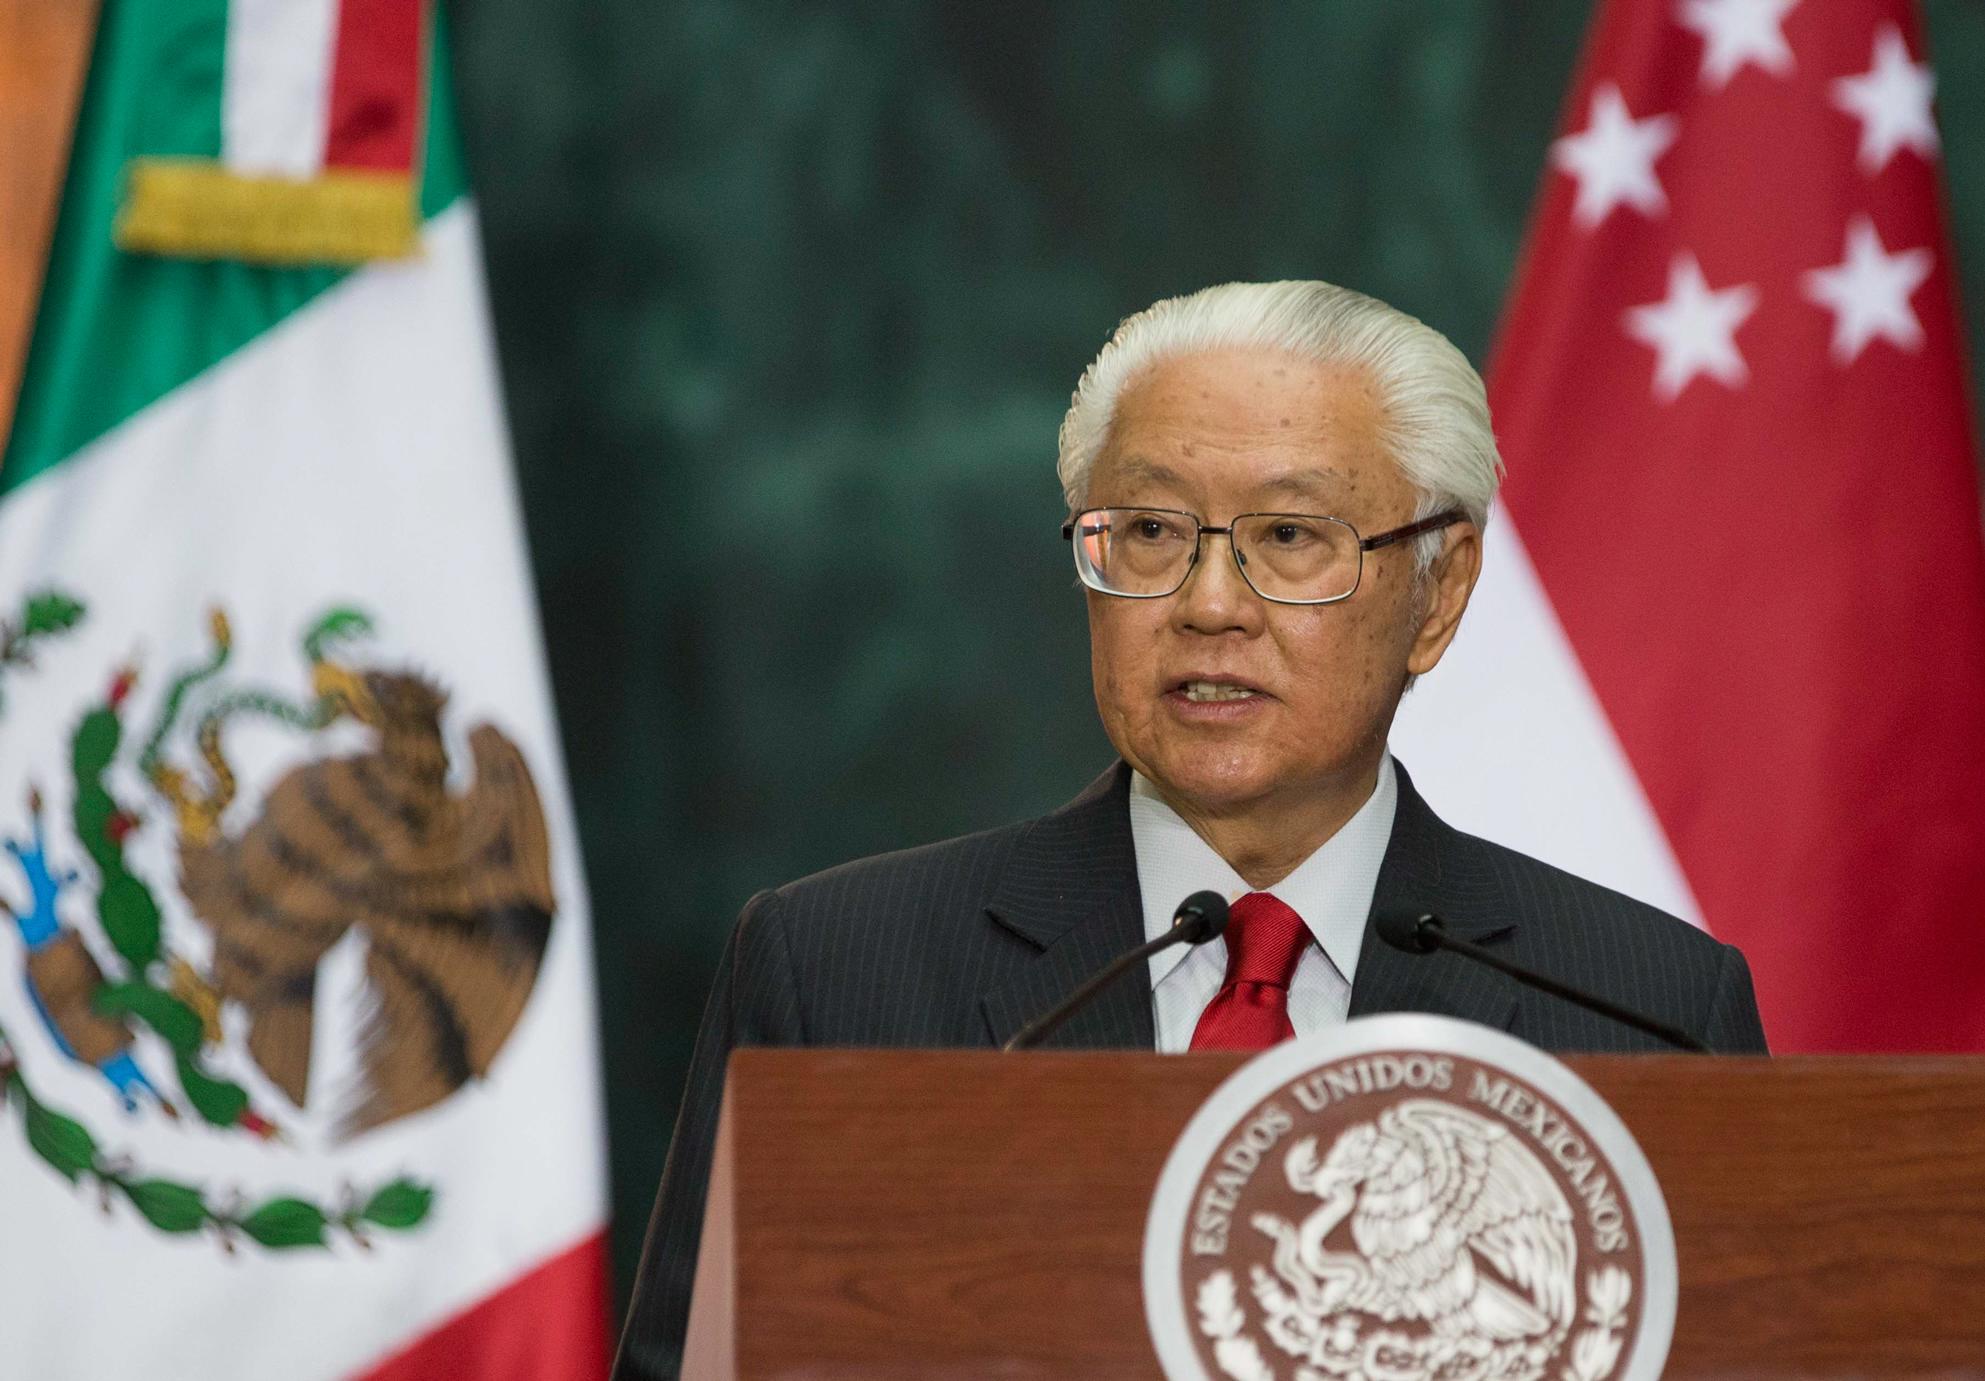 """""""En los últimos 10 años, el comercio entre México y Singapur se ha más que duplicado. México, ahora, es el segundo socio comercial de Singapur en América Latina, y el 26 en todo el mundo"""": Tony Tan Keng Yam"""